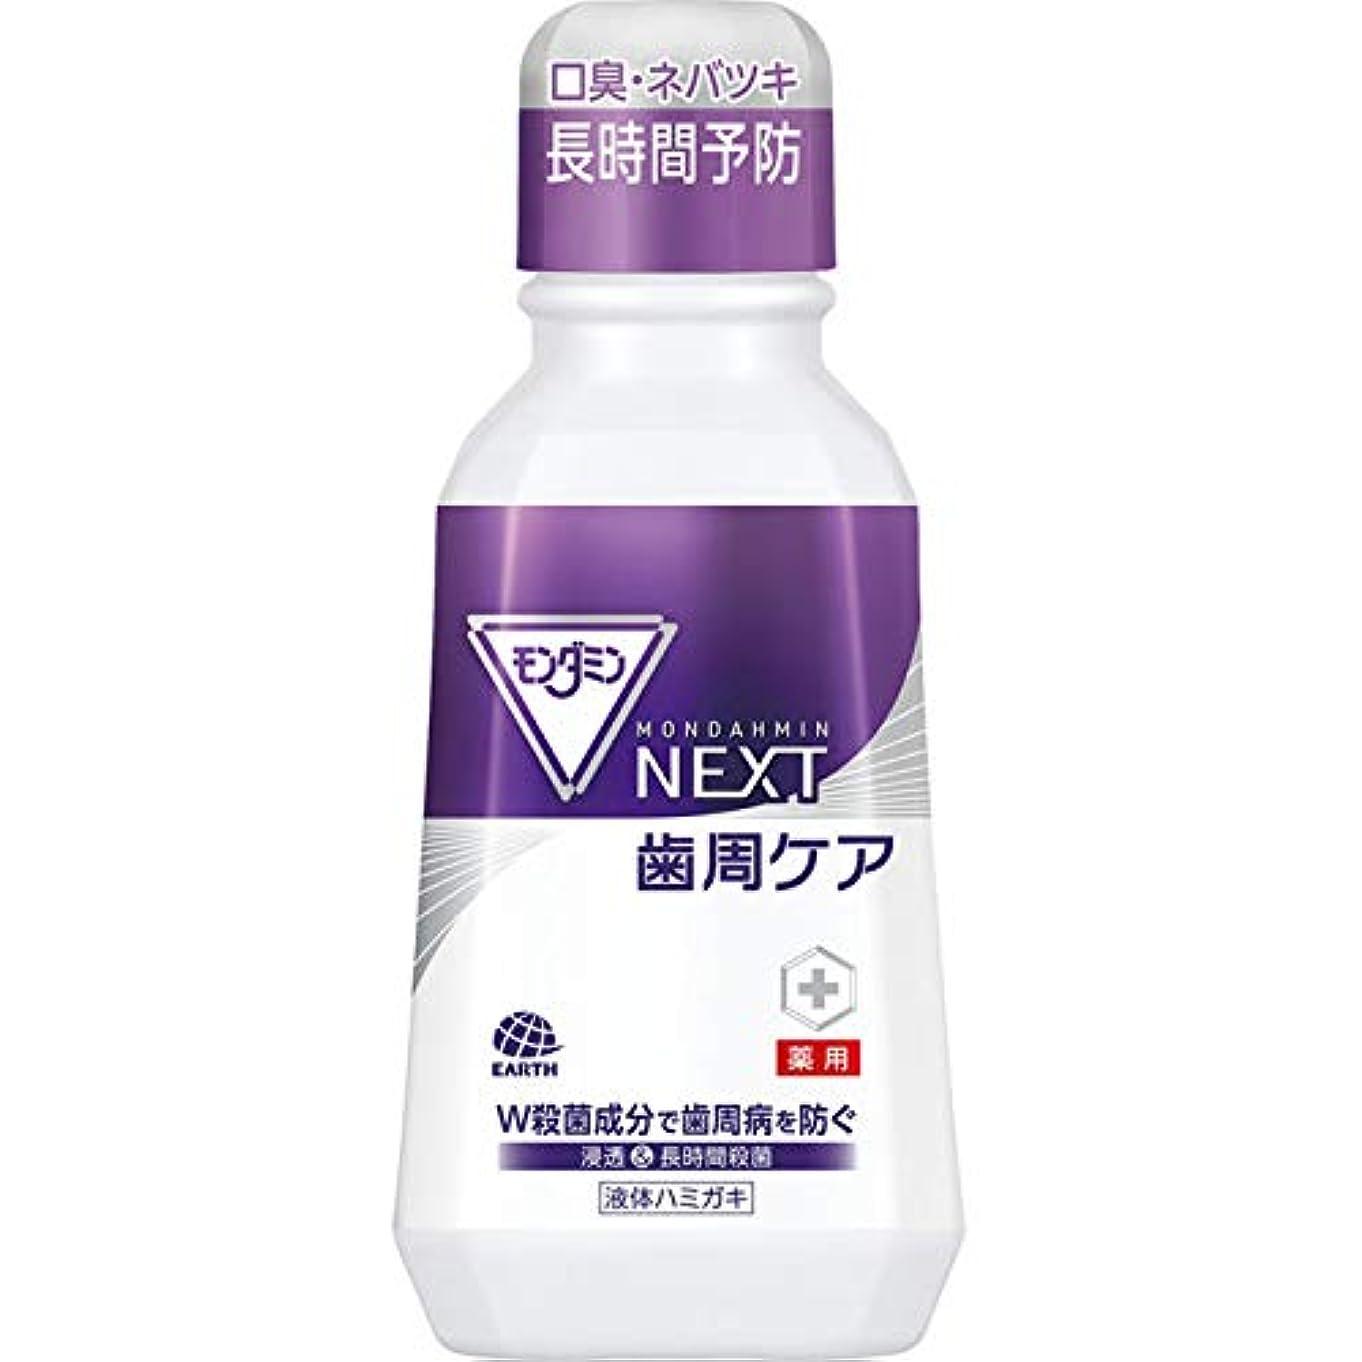 合体お酒便利さモンダミン NEXT 歯周ケア 380mL × 7個セット